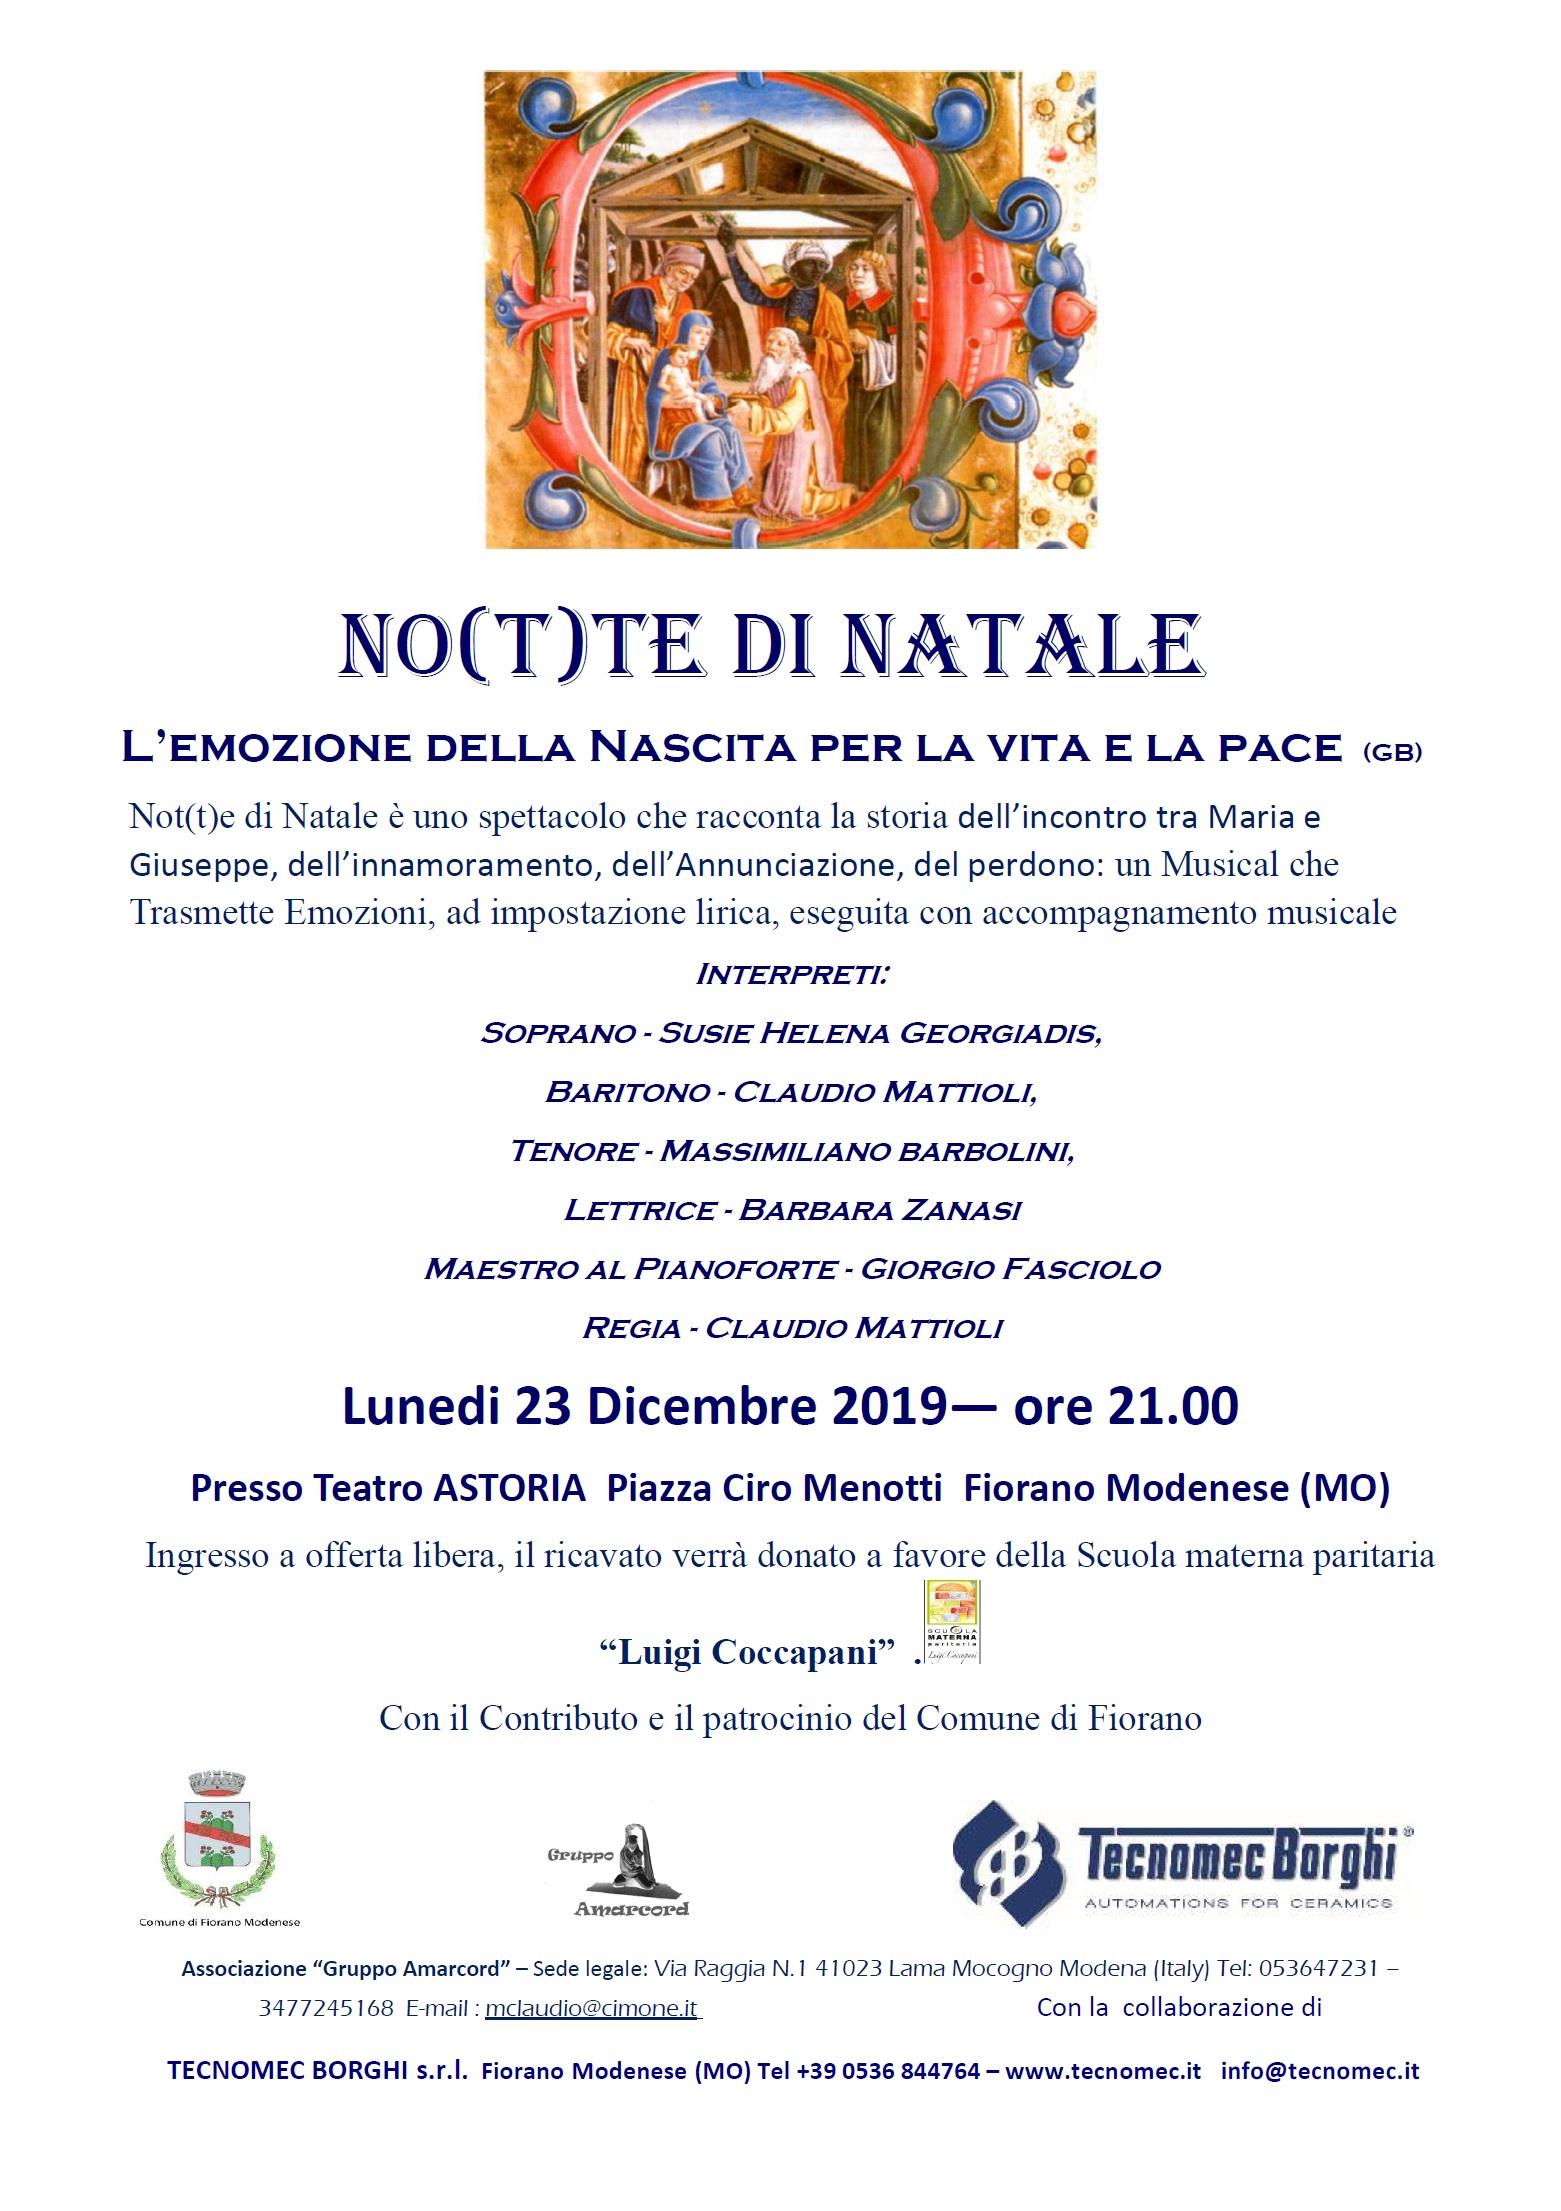 No(t)te di Natale – 23 Dicembre 2019 ore 21.00 – Teatro Astoria – Fiorano Modenese (MO)